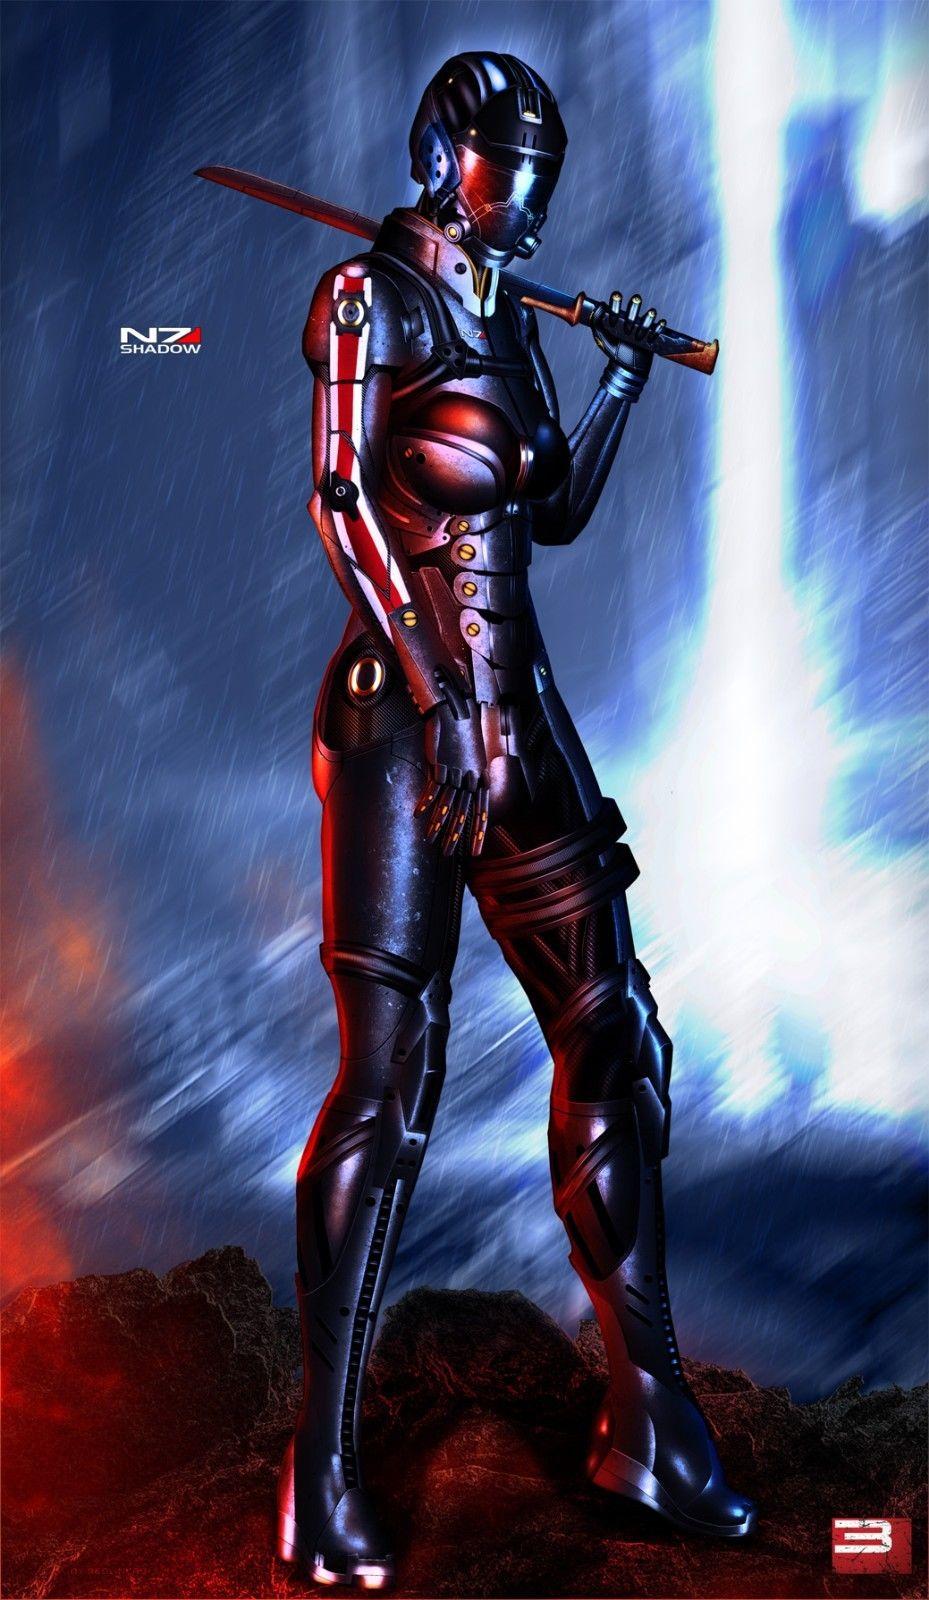 Mass Effect 3 4 Game Space War Fabric poster 21x 13 Decor 138